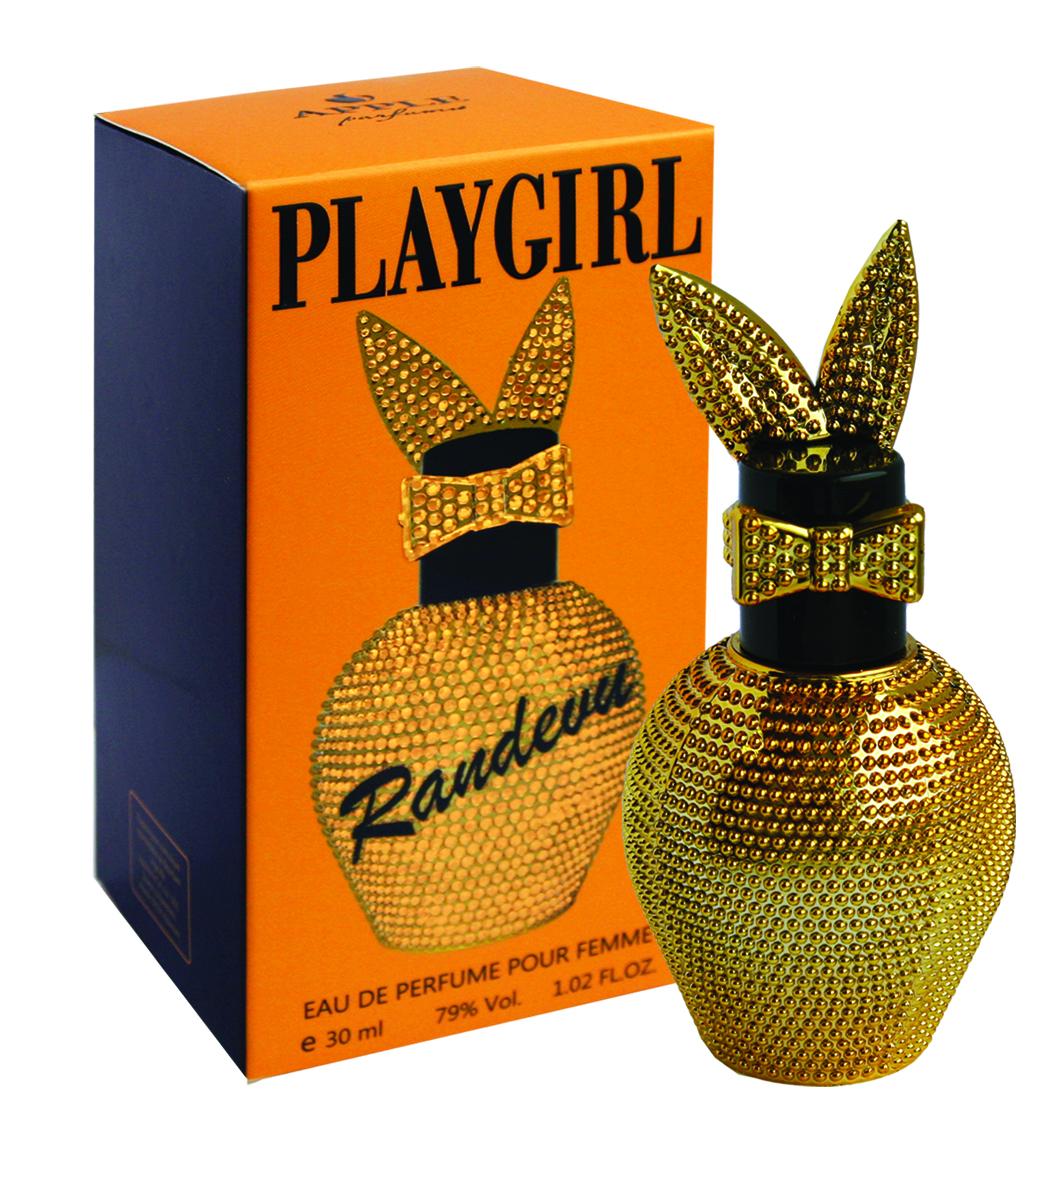 Apple Parfums Парфюмерная вода Playgirl Randevu, женская, 30 мл42560Этот роскошный, немного свежий, теплый, манящий, волнующий, насыщенный, дерзкий, стойкий, в меру сладкий фруктово-цветочный аромат с красивым шлейфом заставляет чувствовать себя уверенной и энергичной, придает сил справиться с любыми делами. Композиция состоит из малины, цветов апельсина, гардении, жасмина, белого меда и пачули. Парфюм можно носить и в дневное время, и как вечерний аромат, лучше всего раскрывается зимой и холодной осенью. Направление аромата: Цветочно- фруктовый. Основные ноты: цветы апельсина, жасмин, гардения, пачули, малина, медовый аккорд